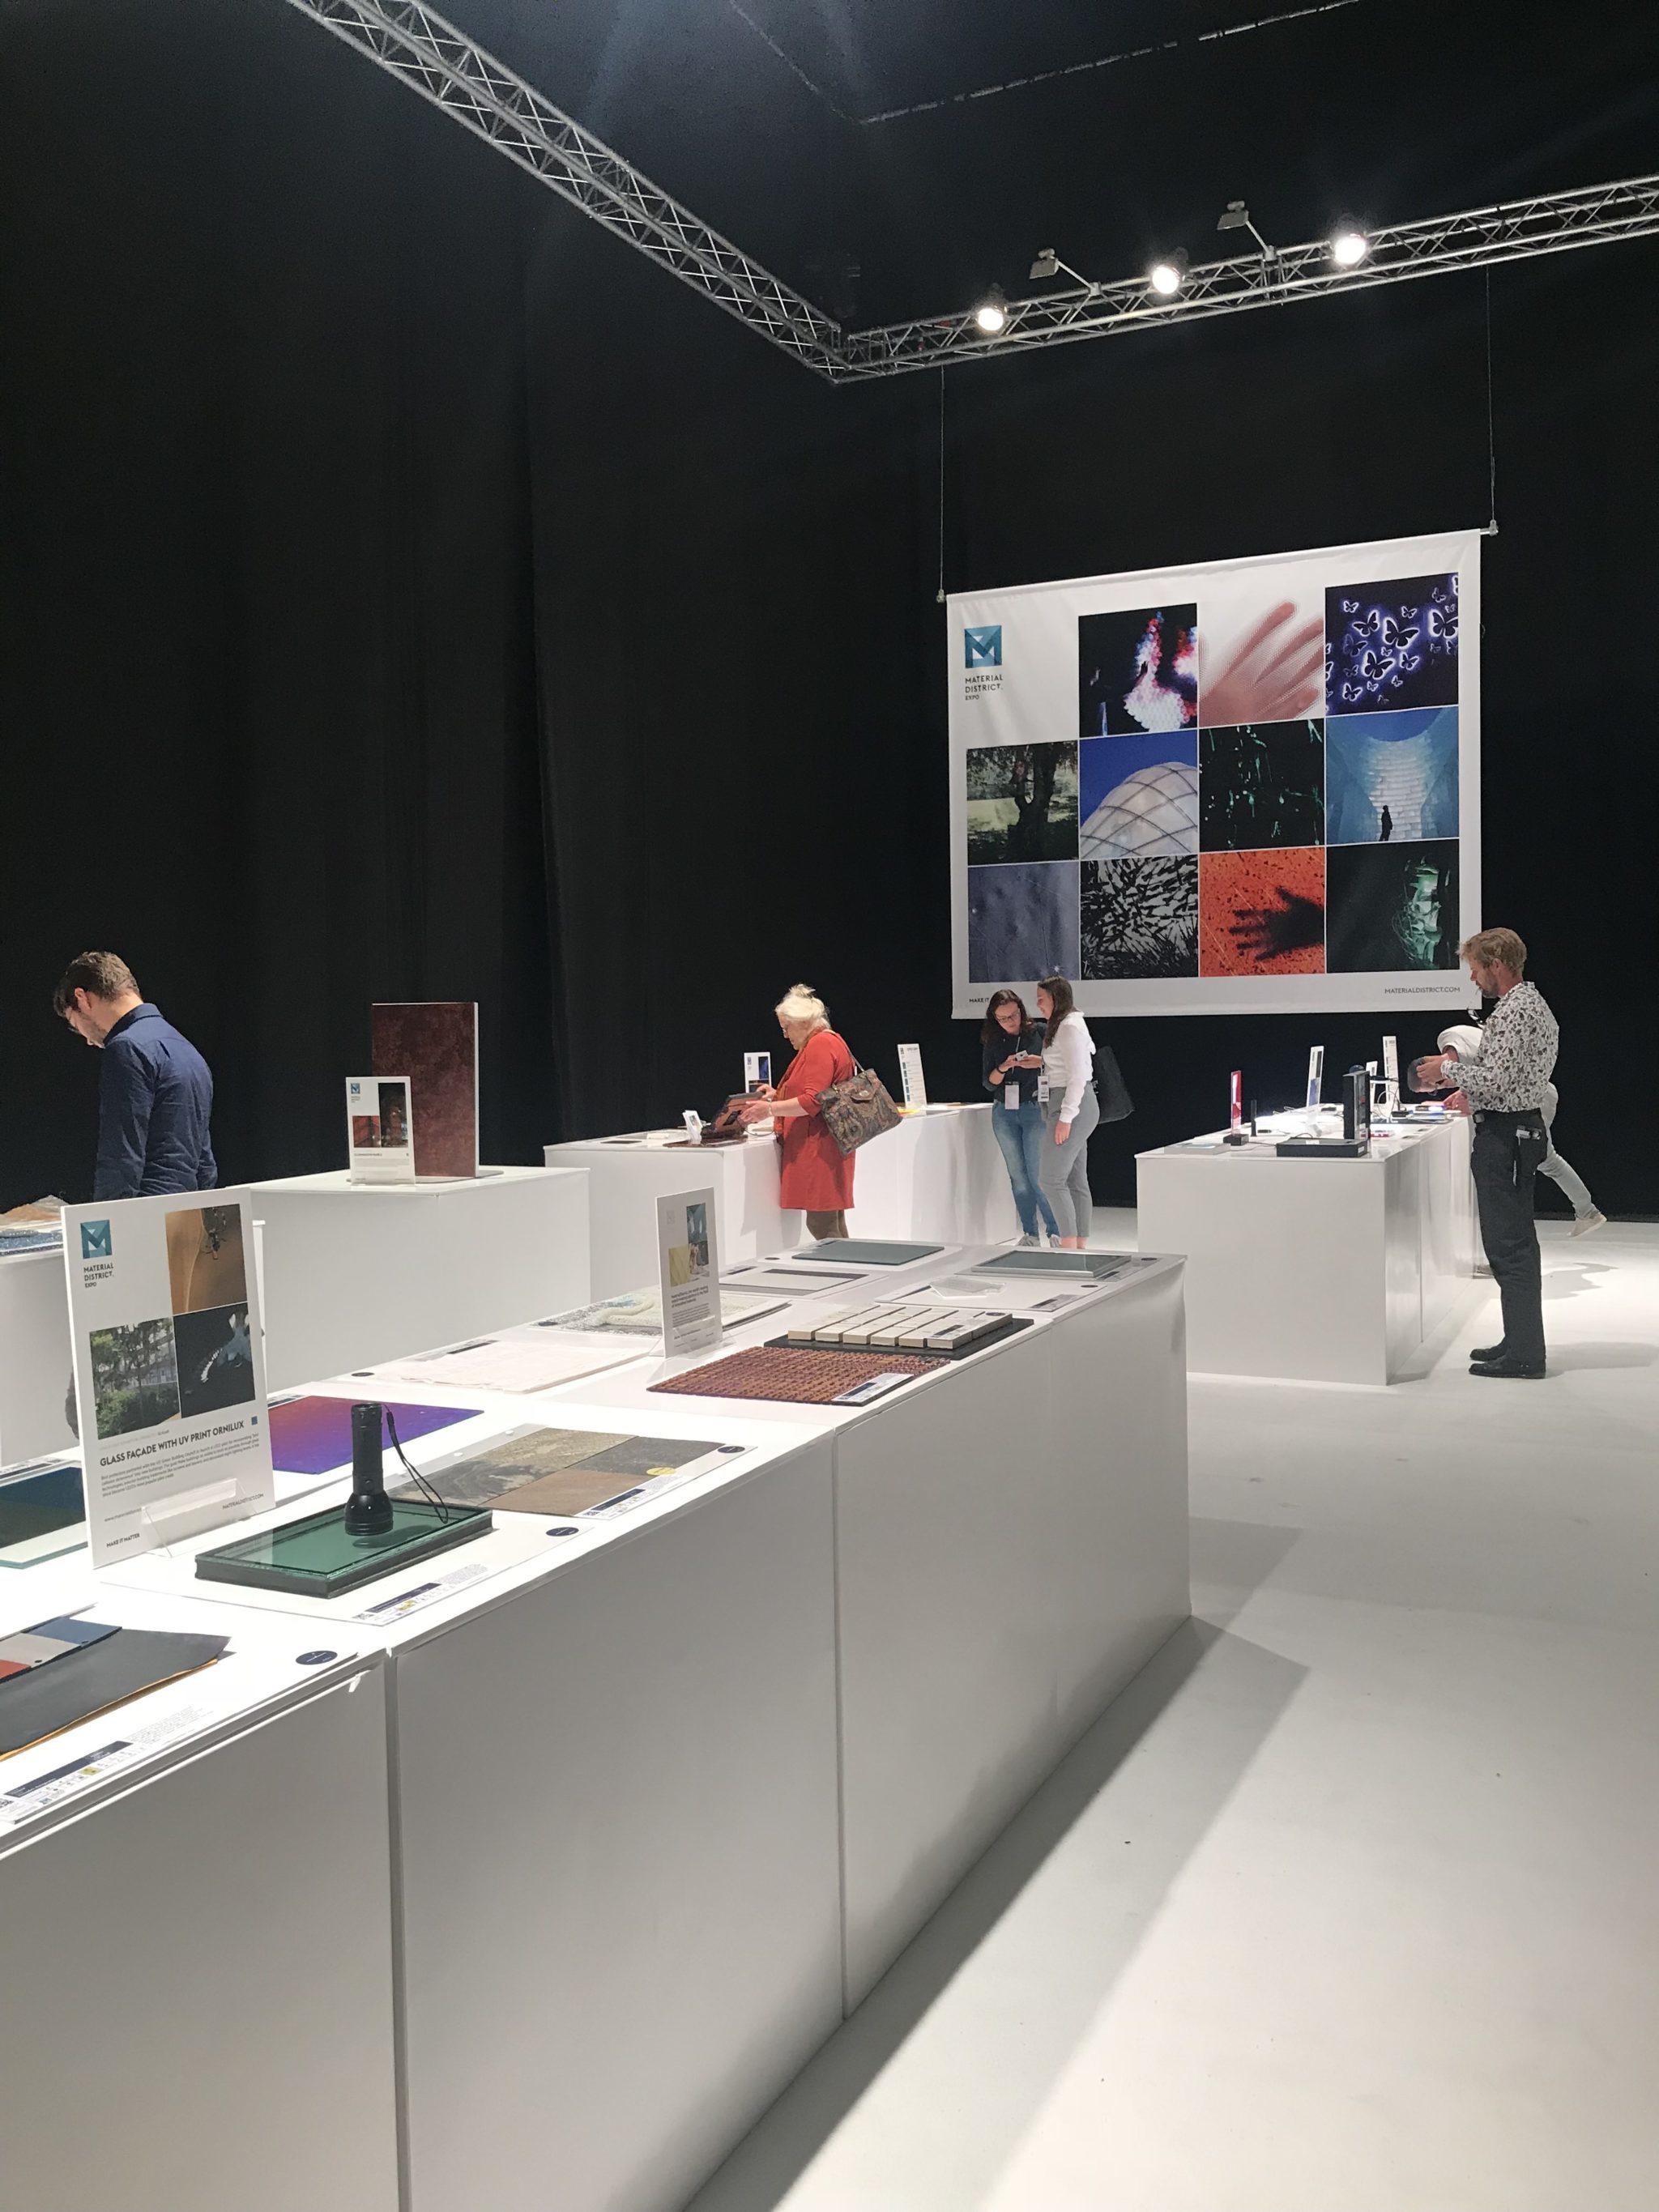 Meer informatie over het tentoonstelling op MaterialDistrict.